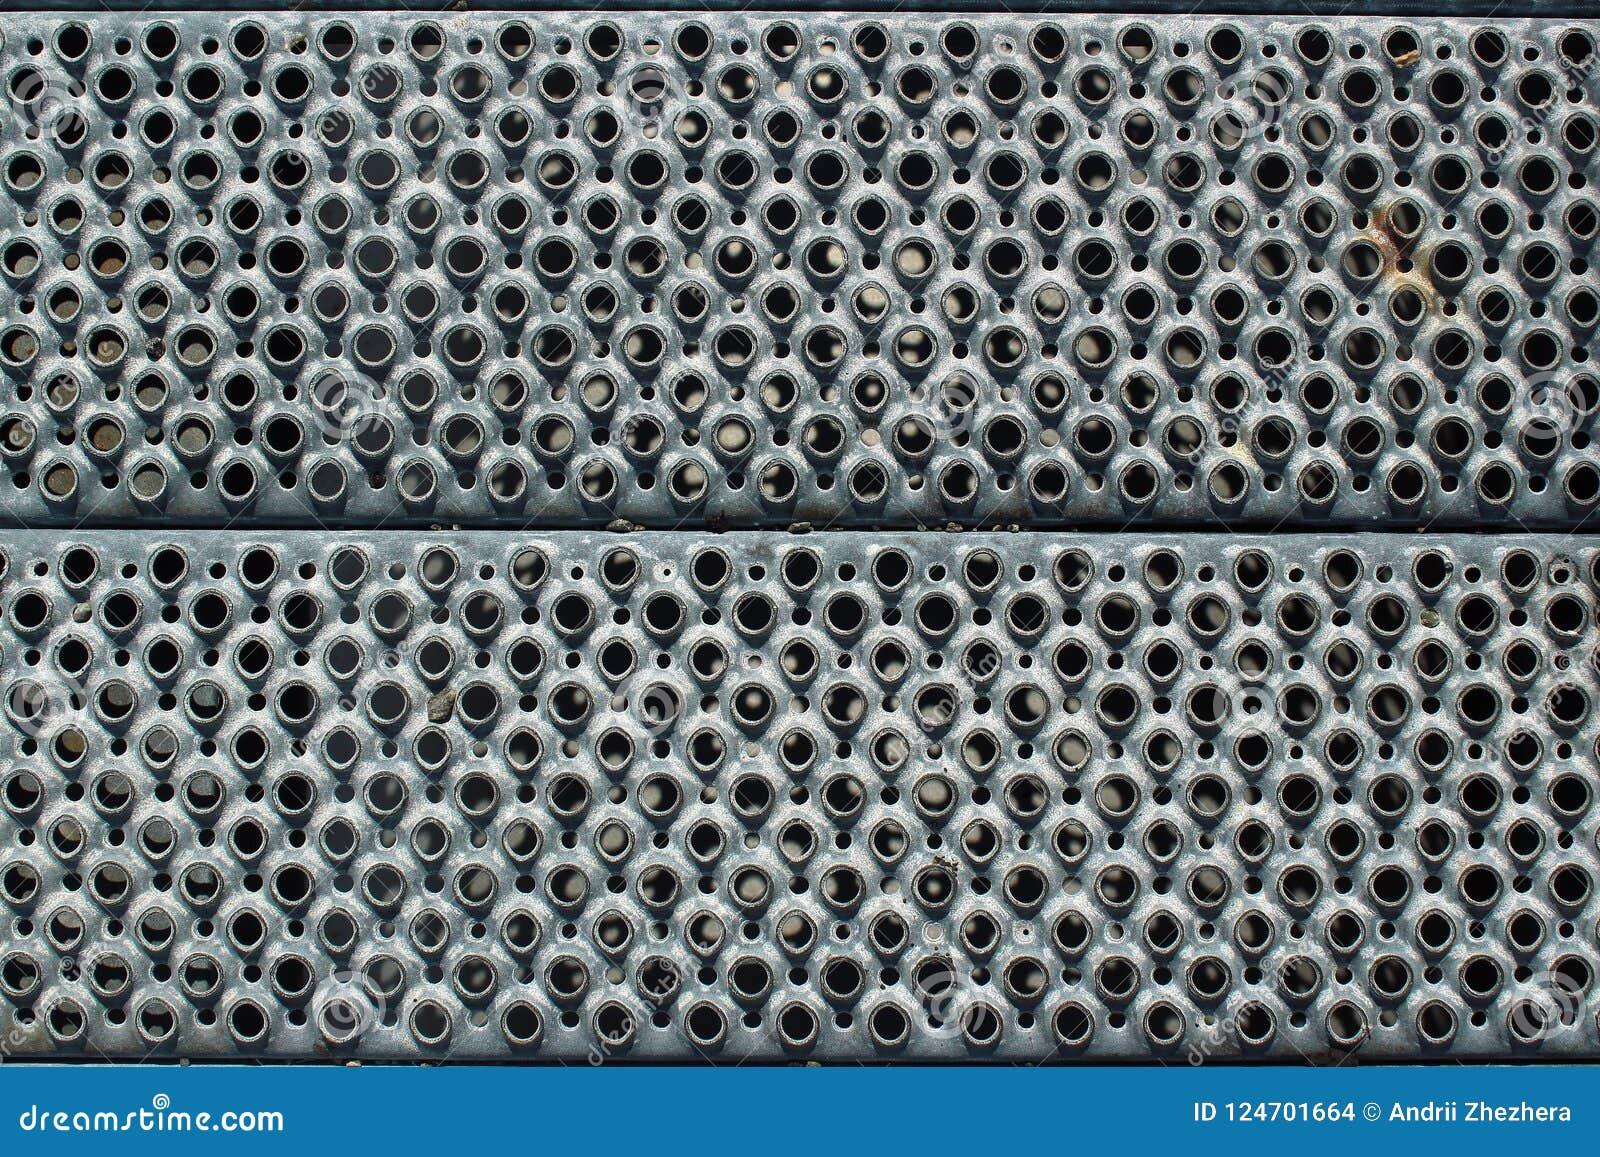 Dziurkowaty metal kroczy zbliżenie jako przemysłowy tło